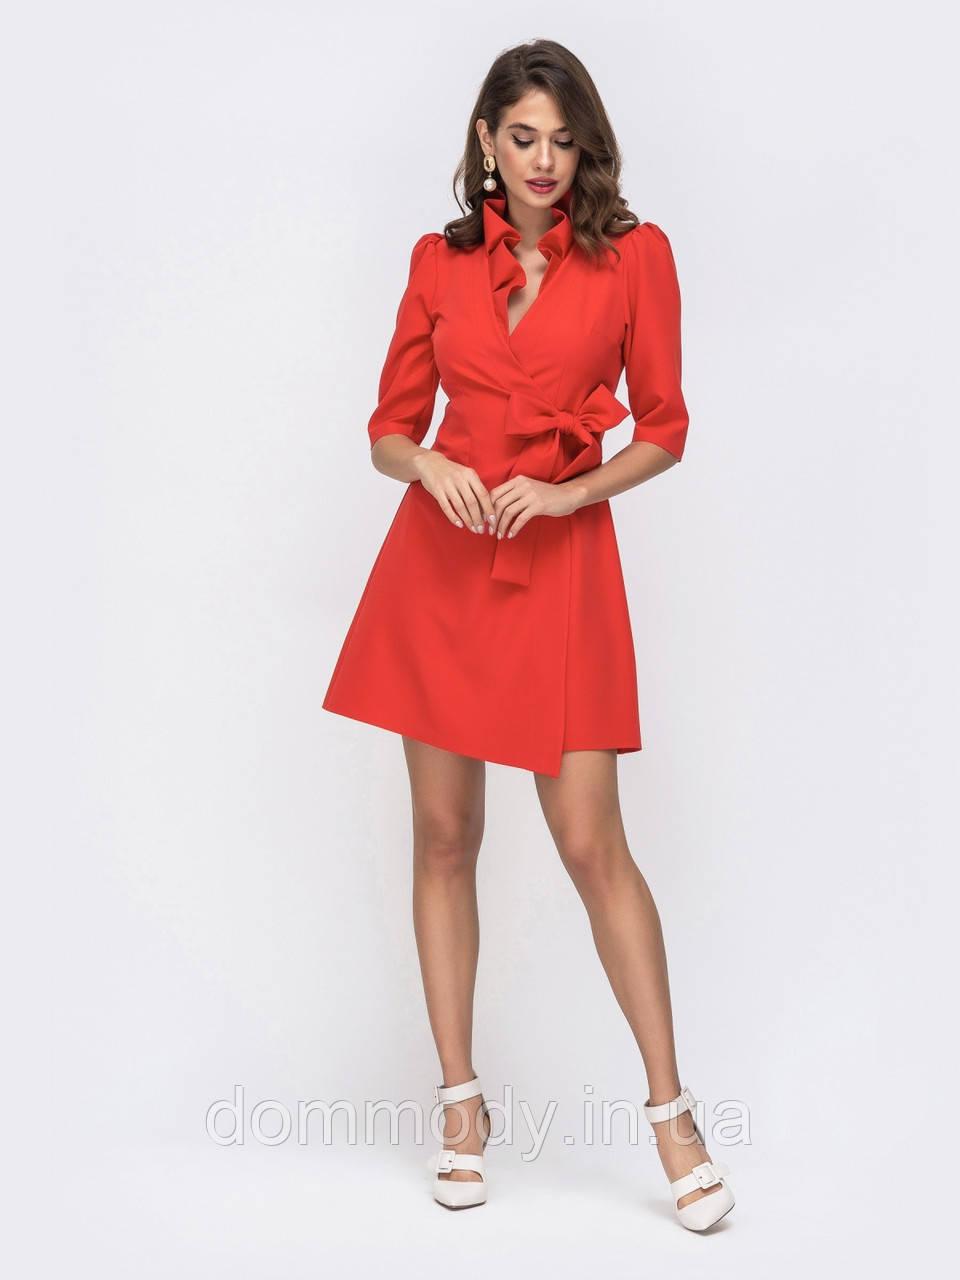 Платье женское Barbara coral